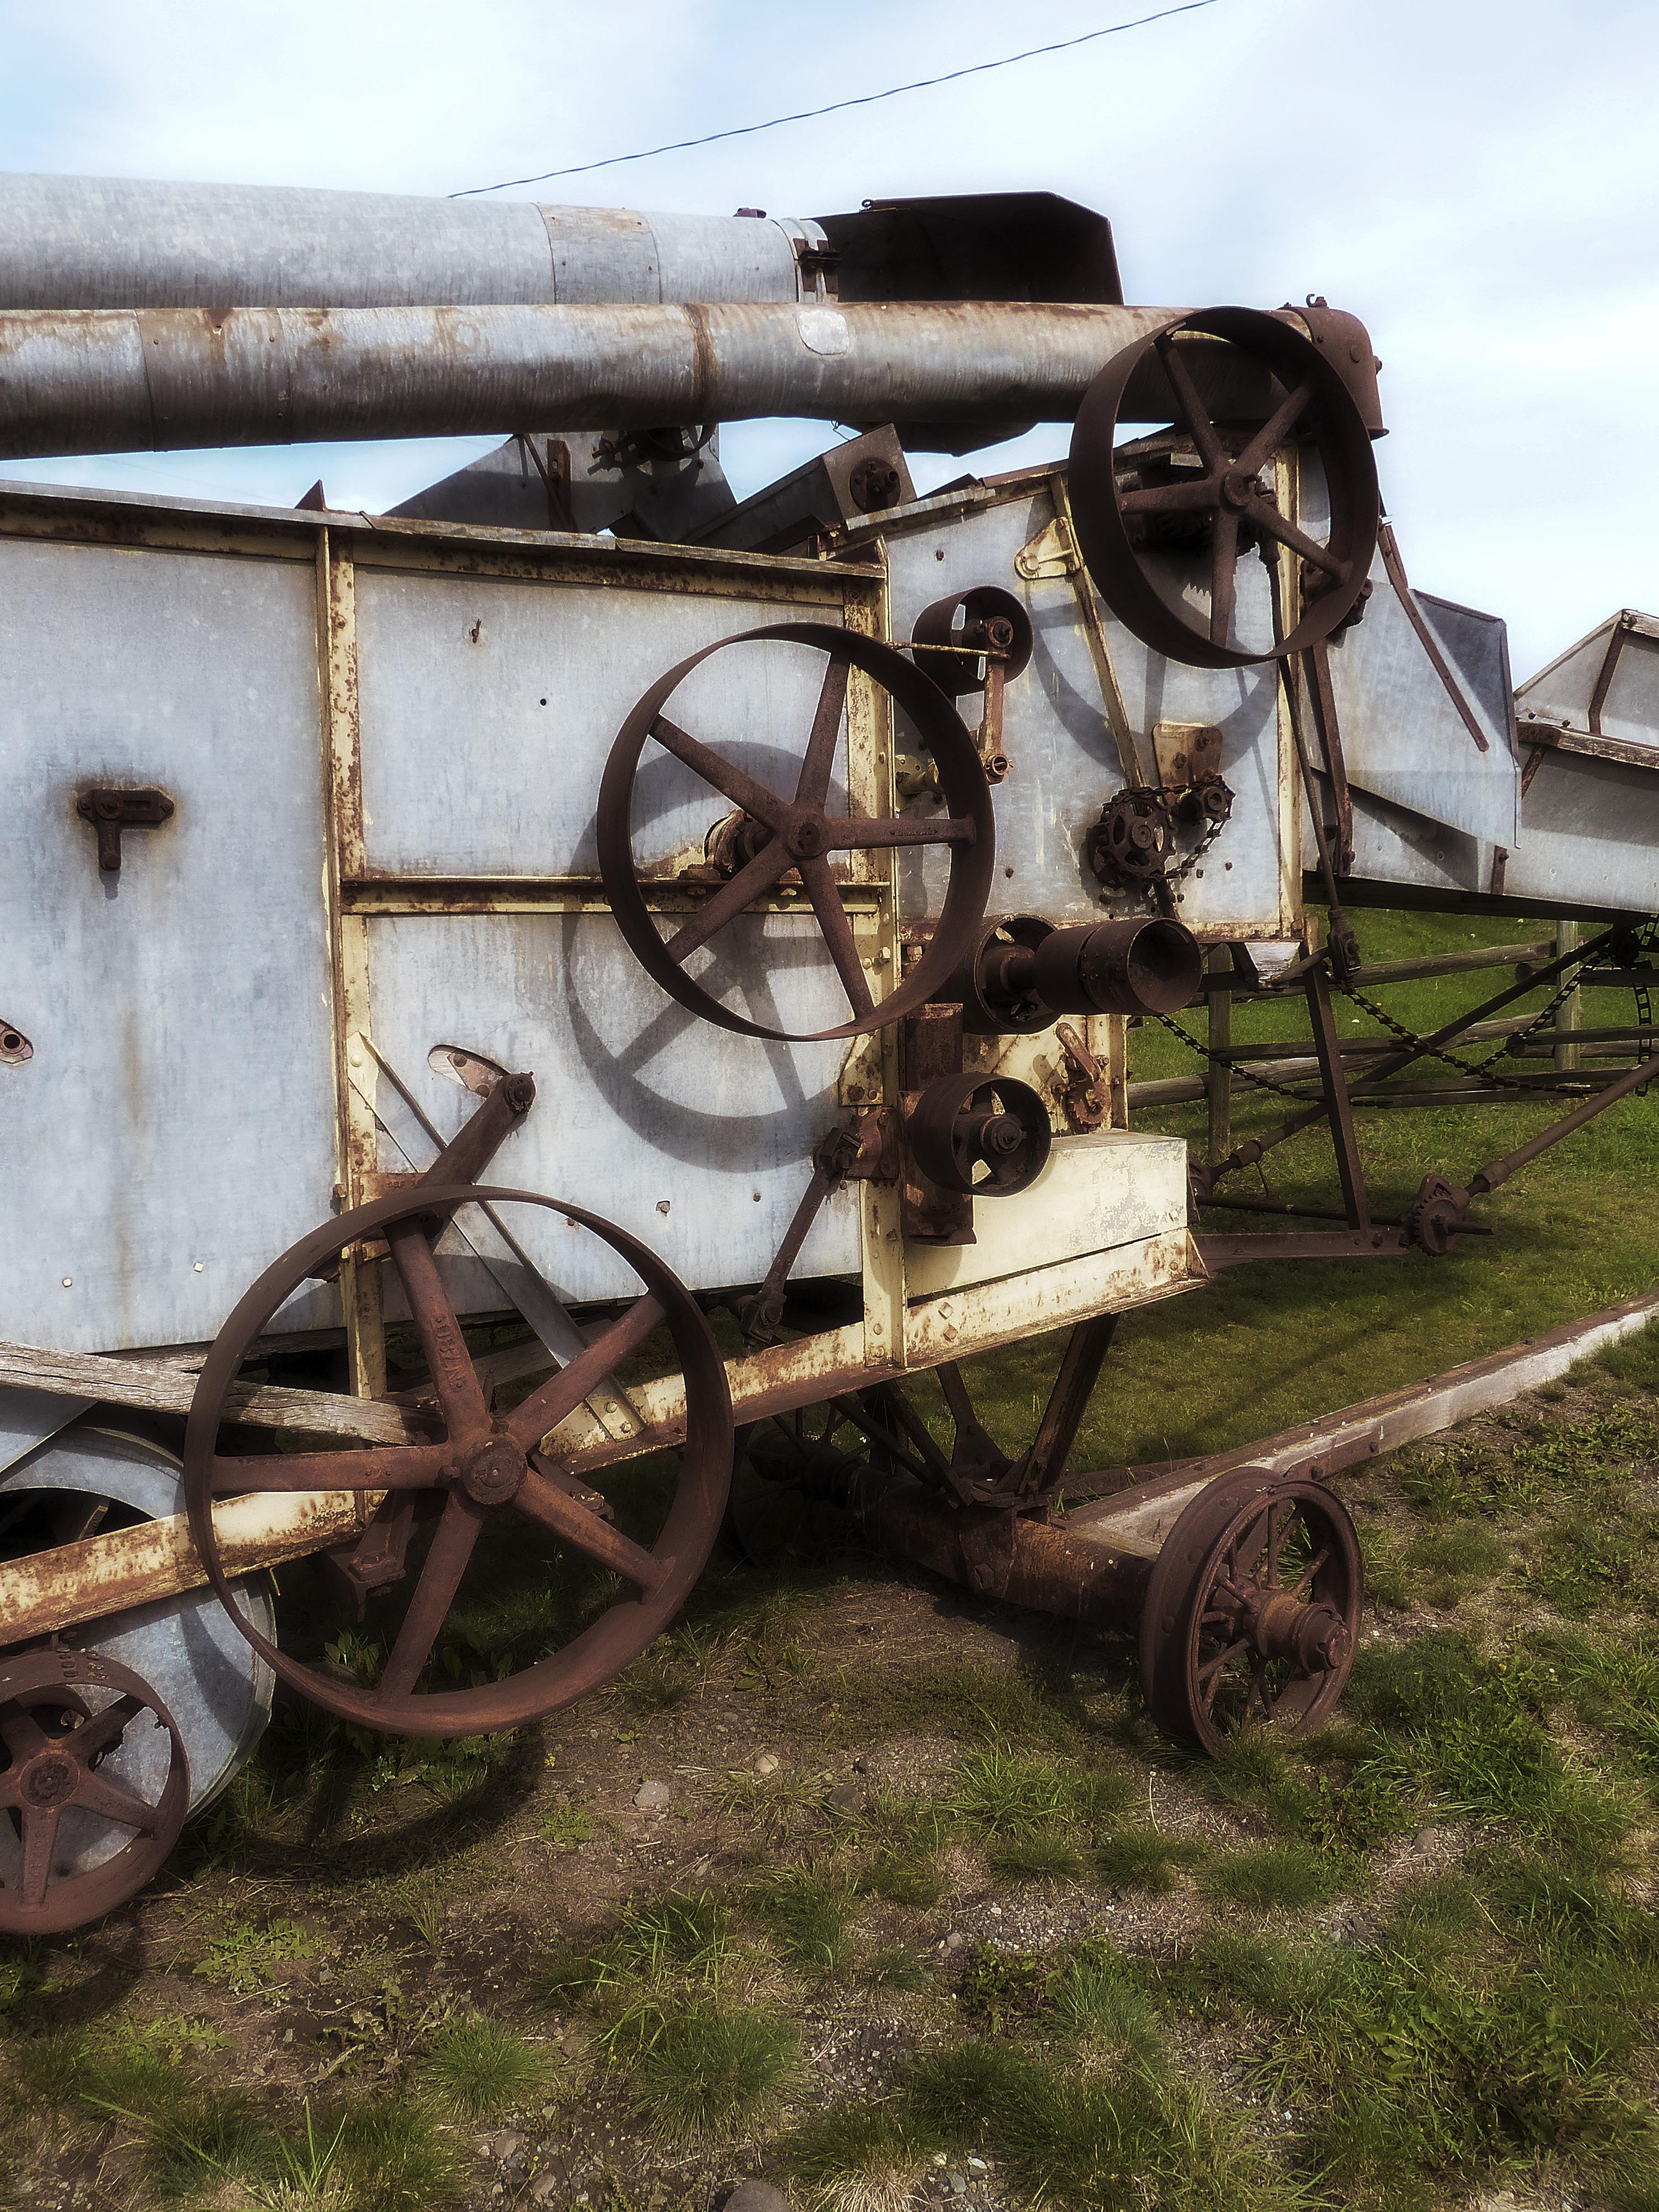 Images gratuites tracteur cru roue chariot v hicule m tal ancien m canique rouill - Chariot porte roue tracteur ...